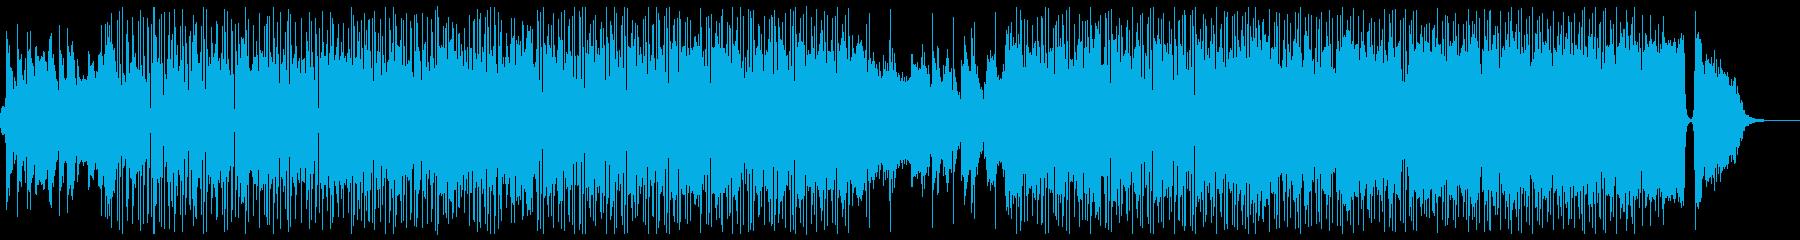 カフェミュージック:サックス Mix-Aの再生済みの波形